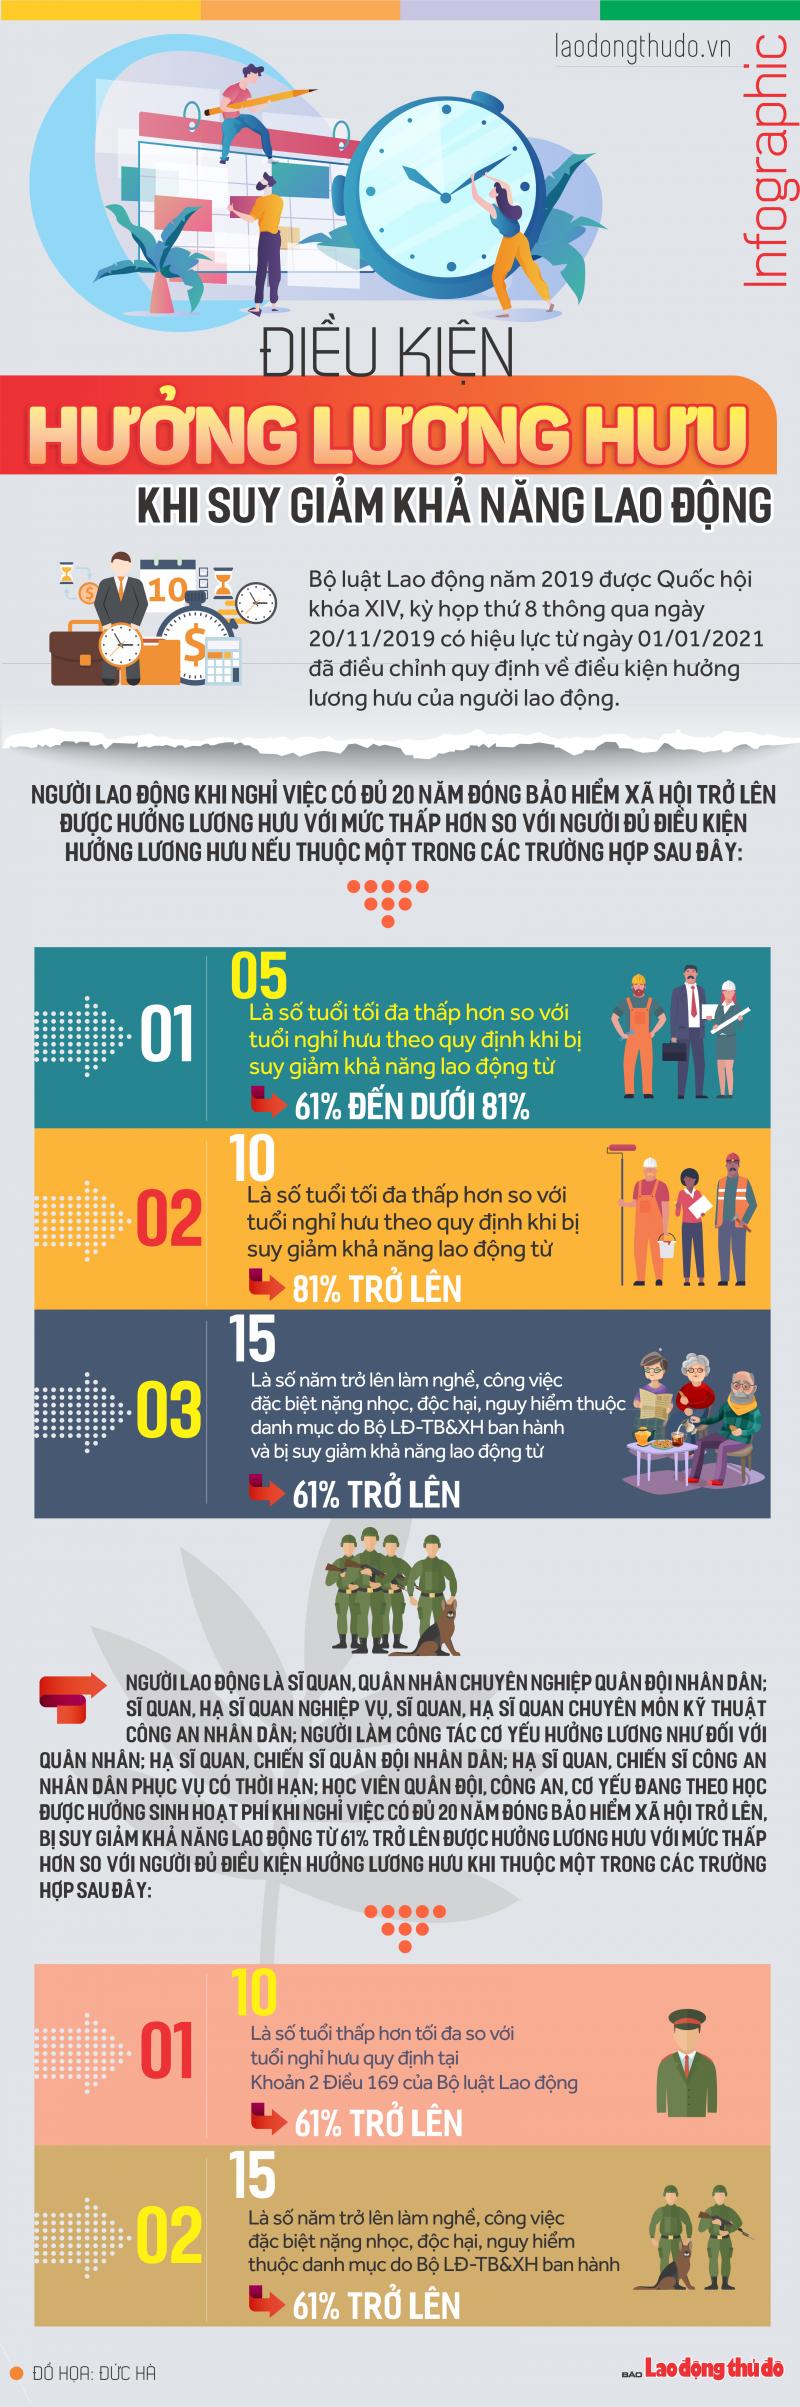 infographic dieu kien huong luong huu khi suy giam kha nang lao dong